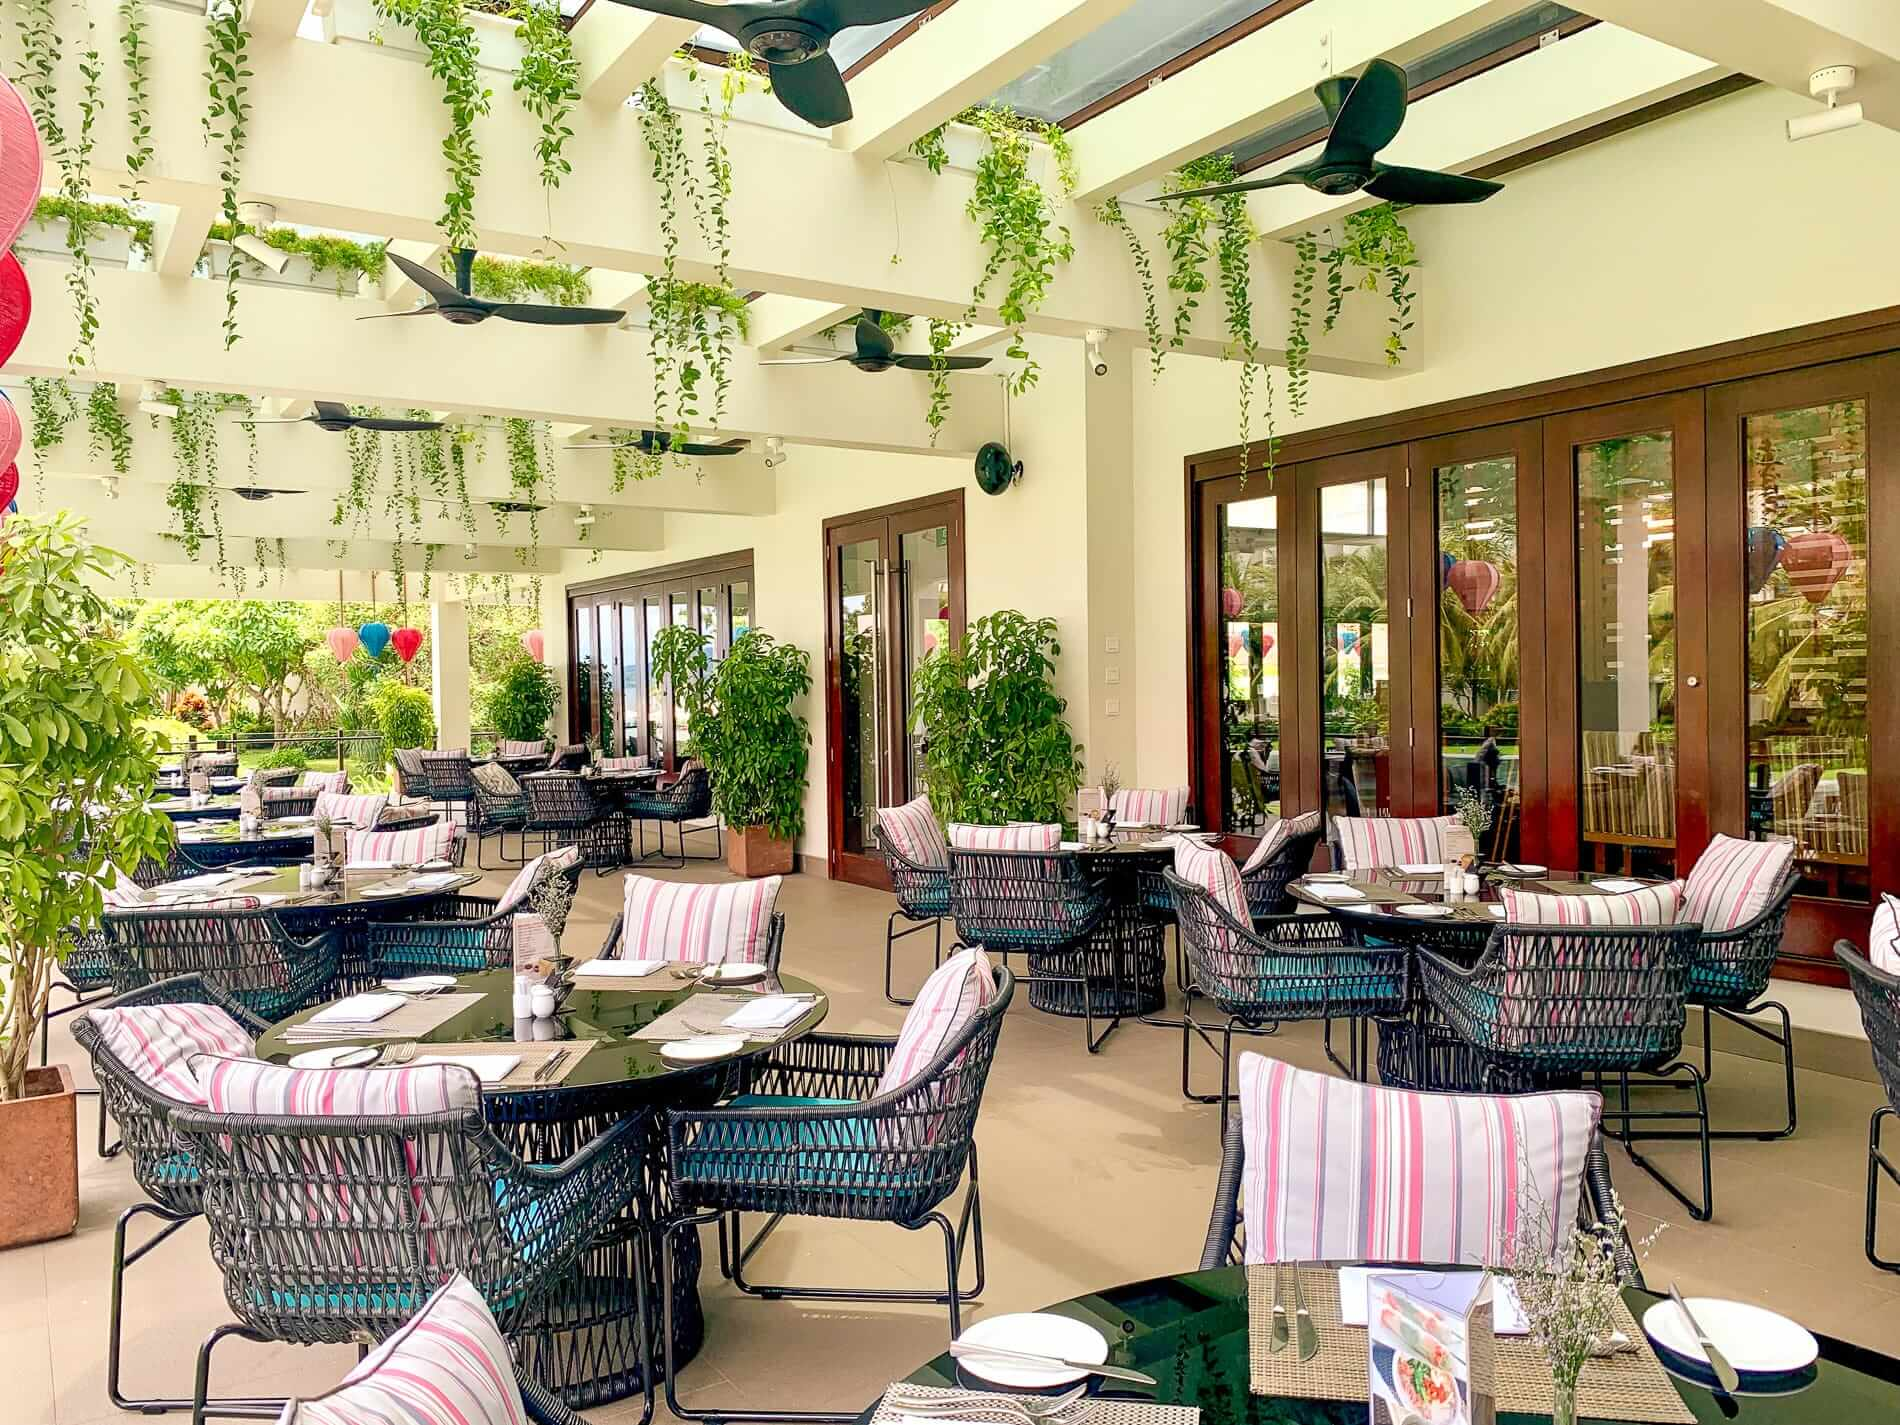 Pullman Da Nang patio dining area